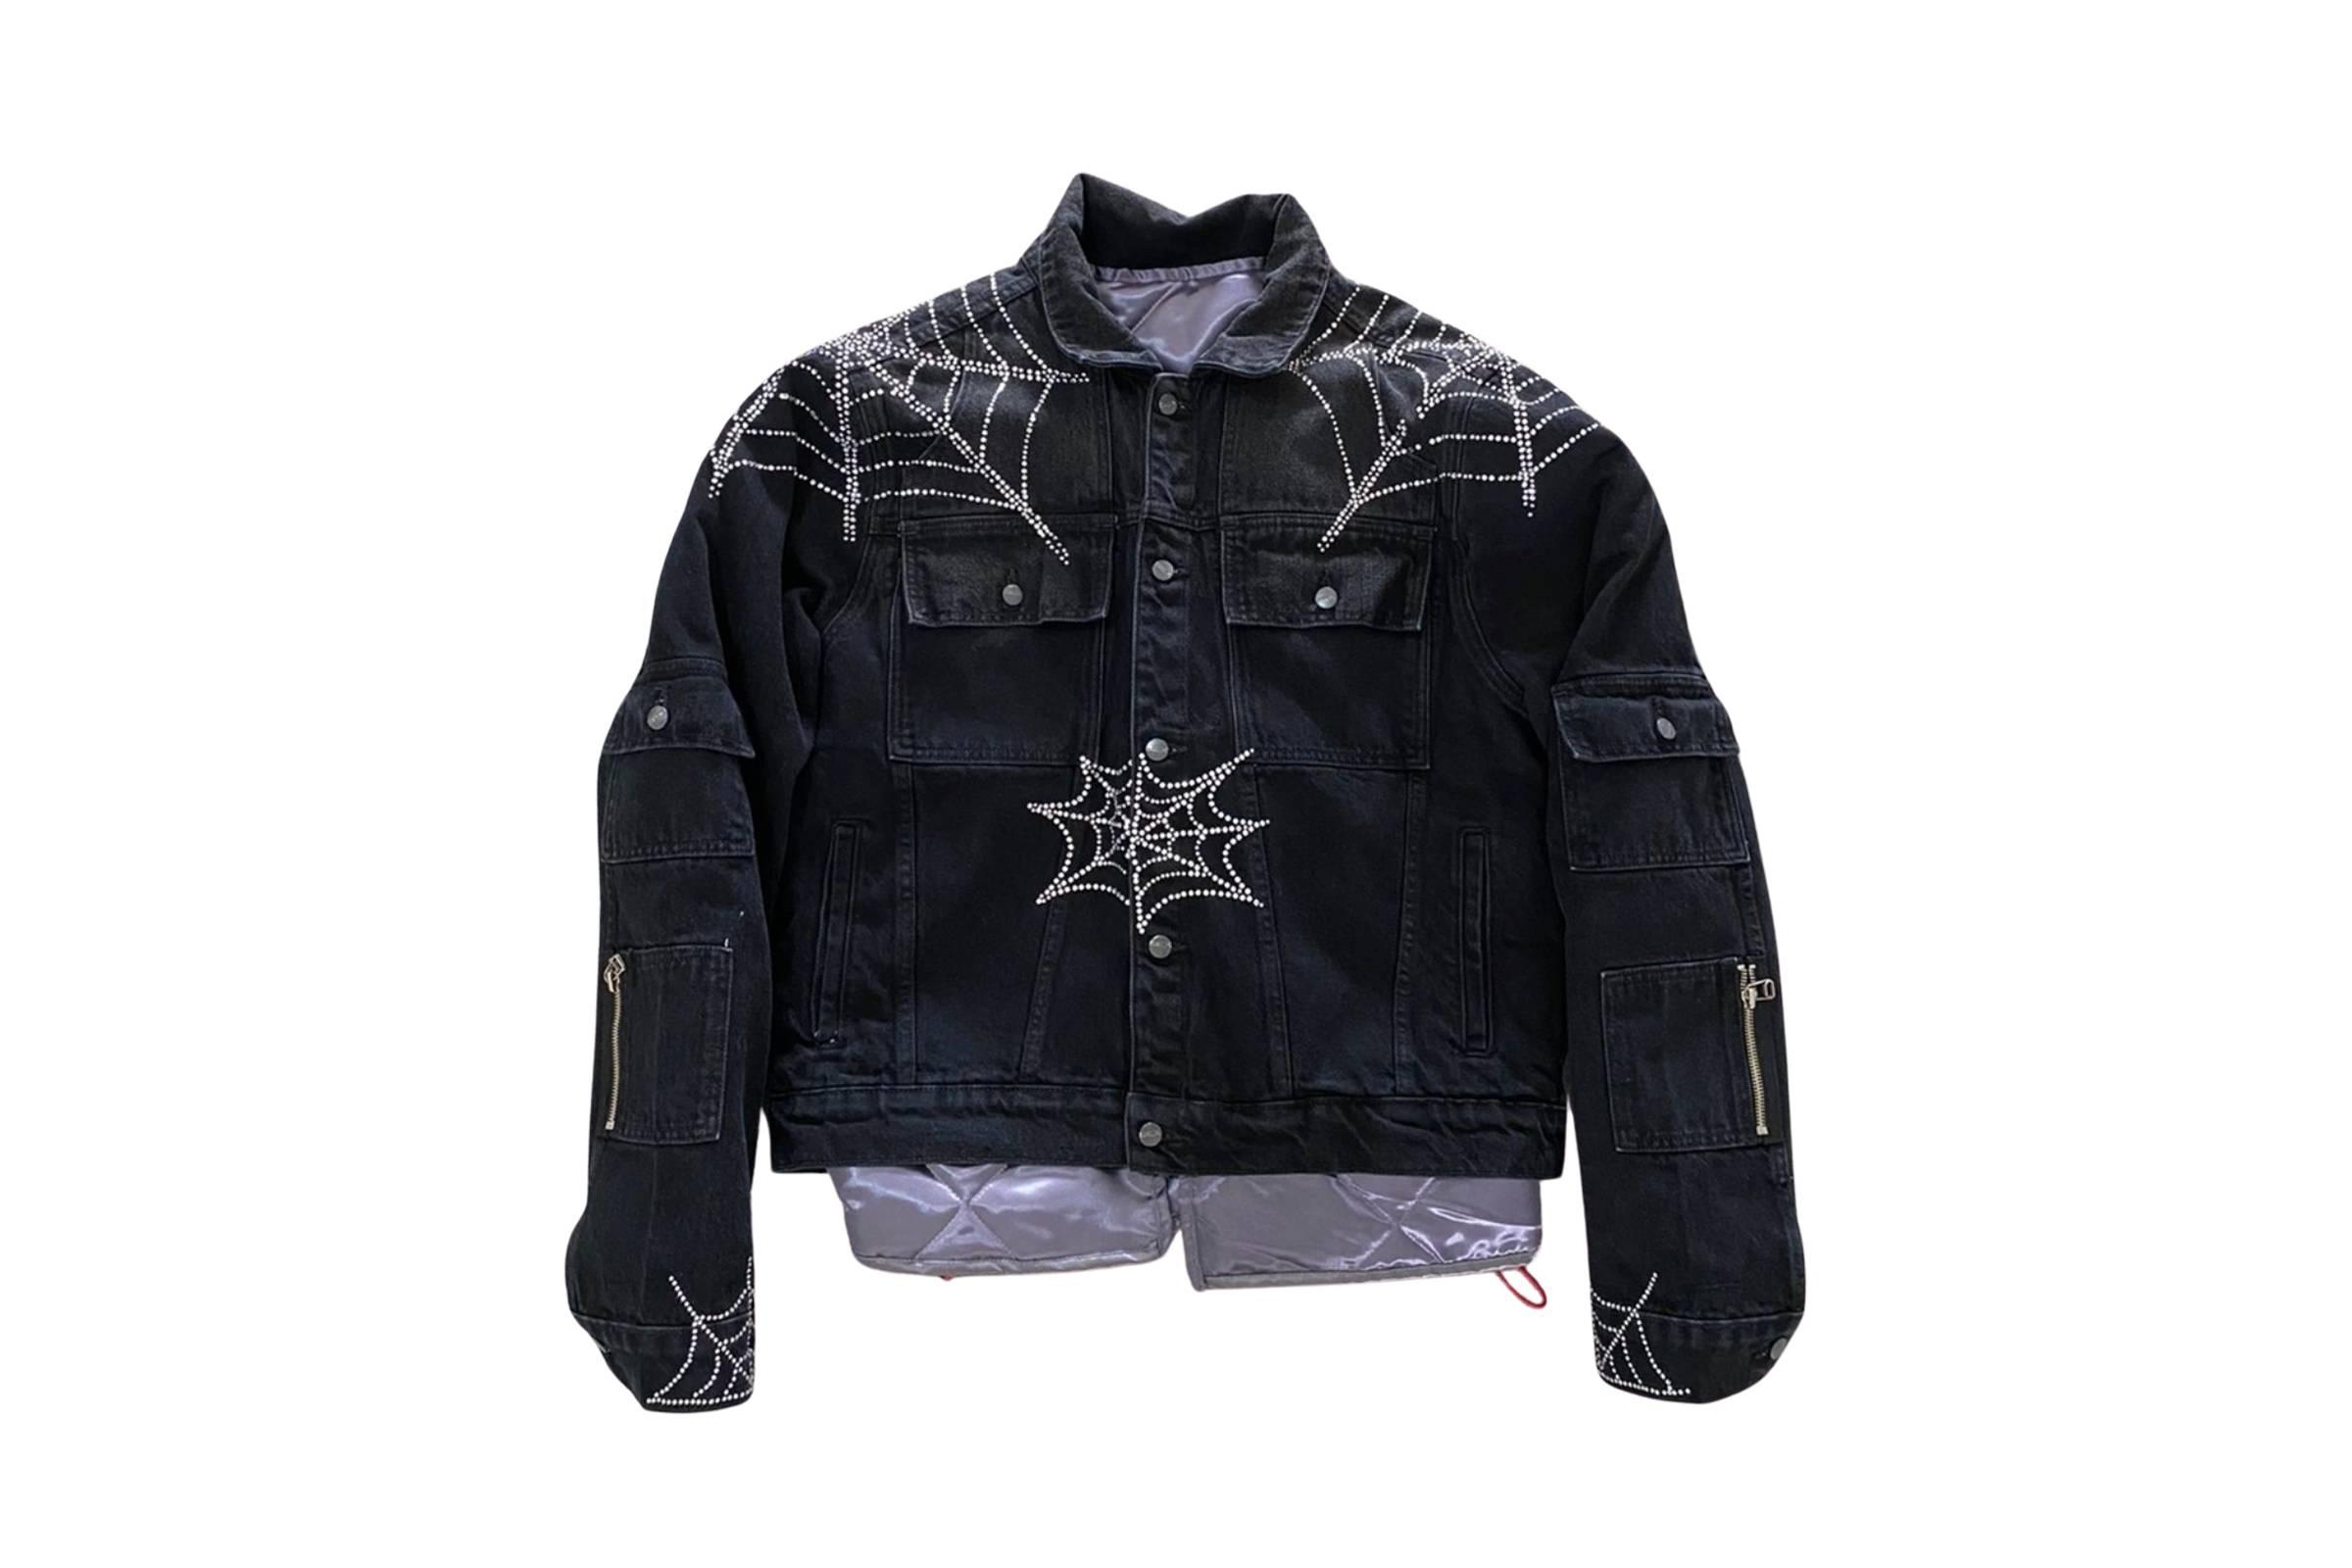 Spider Worldwide Denim Jacket